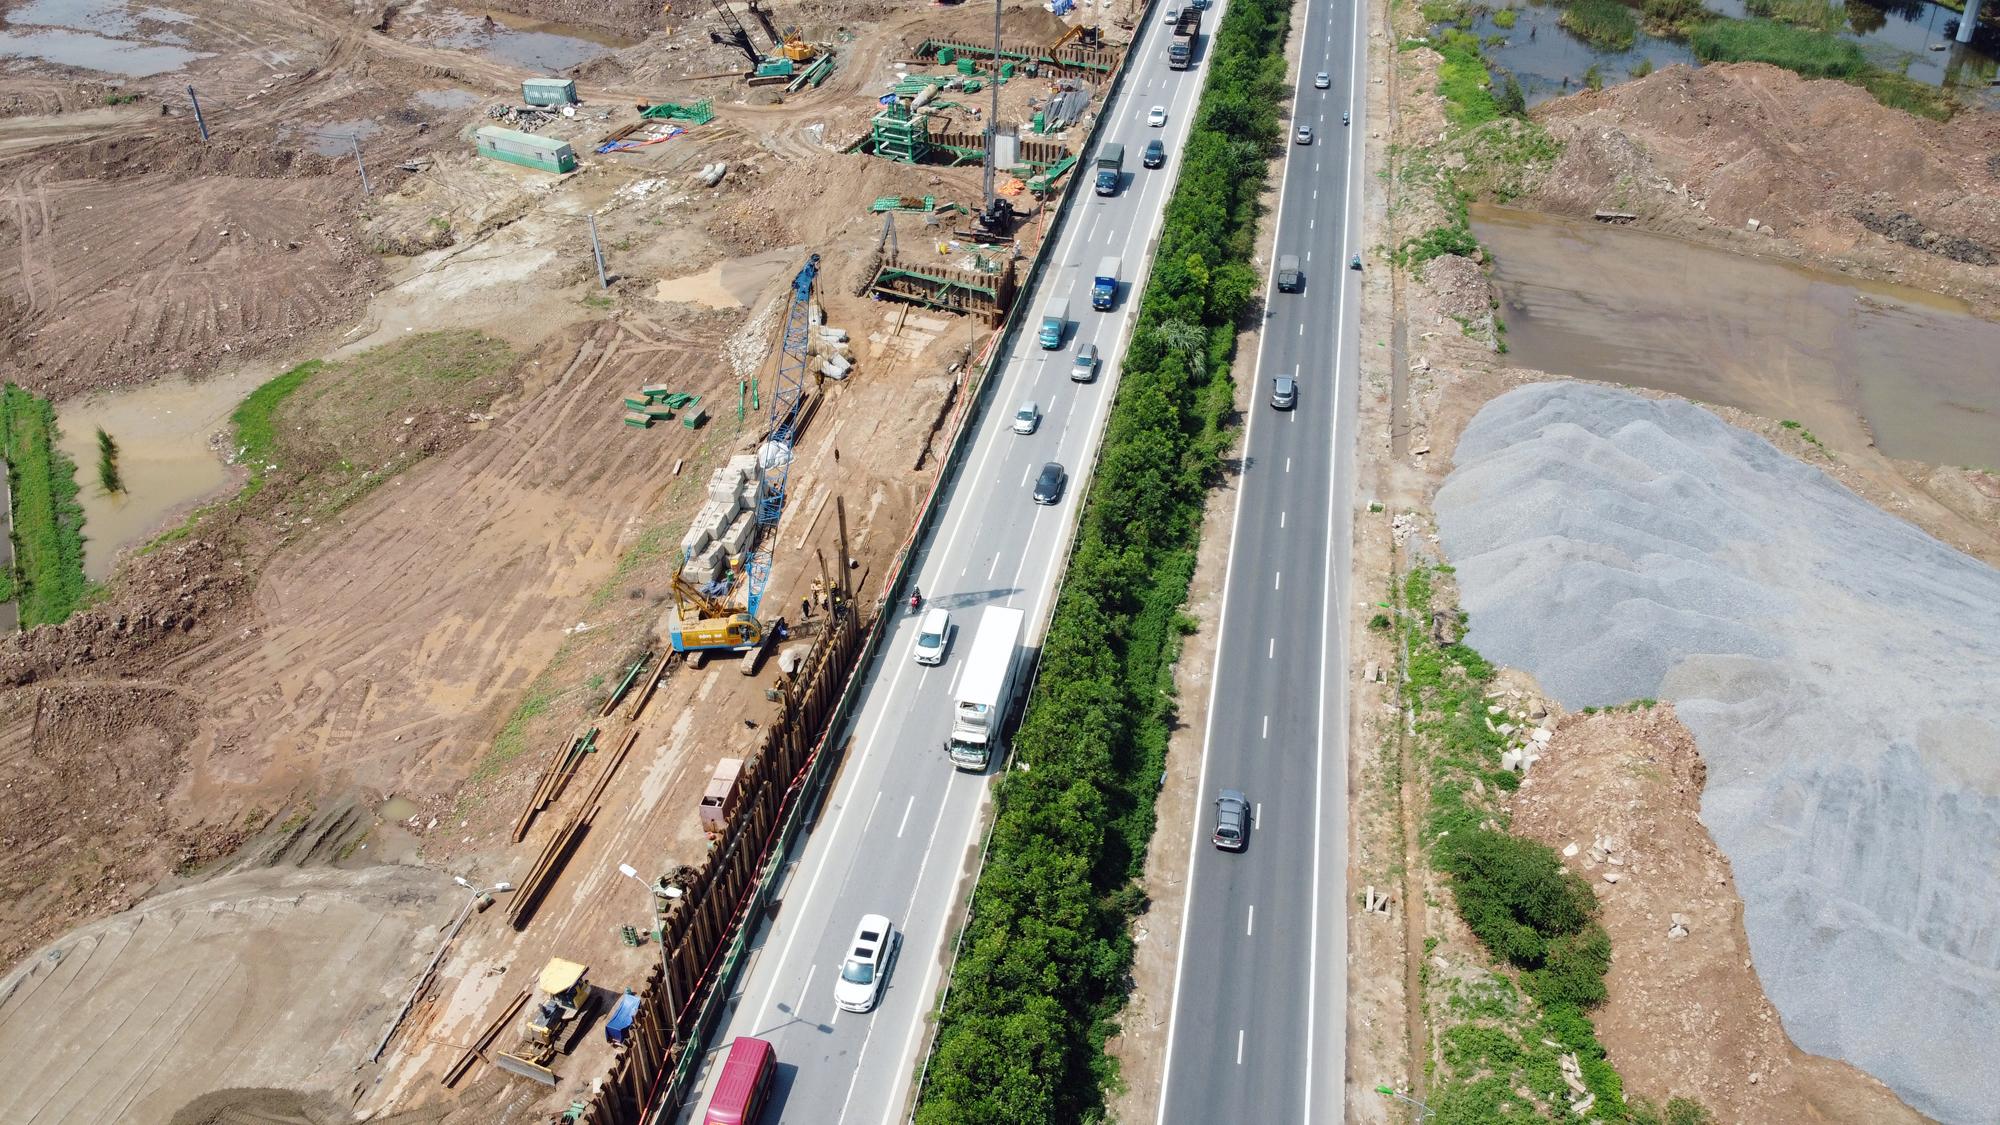 Toàn cảnh dự án xây dựng nút giao Vành đai 3 với cao tốc Hà Nội - Hải Phòng - Ảnh 2.